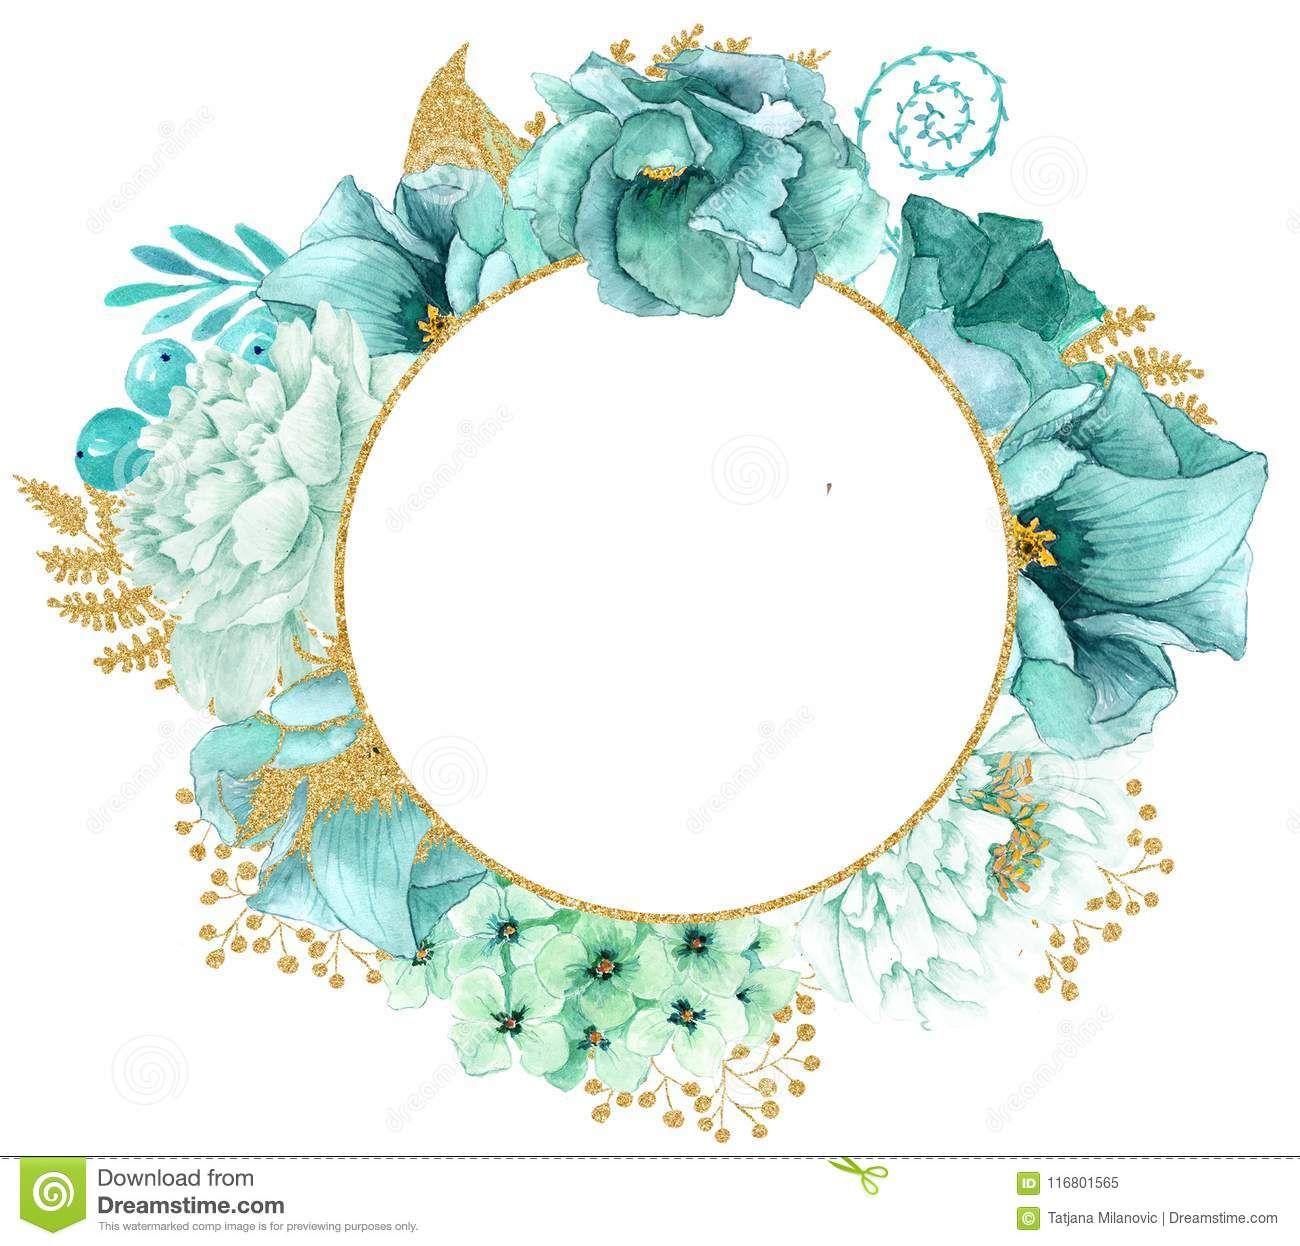 Mint Watercolor Watercolor Flower Wreath Floral Wreath Watercolor Flower Frame